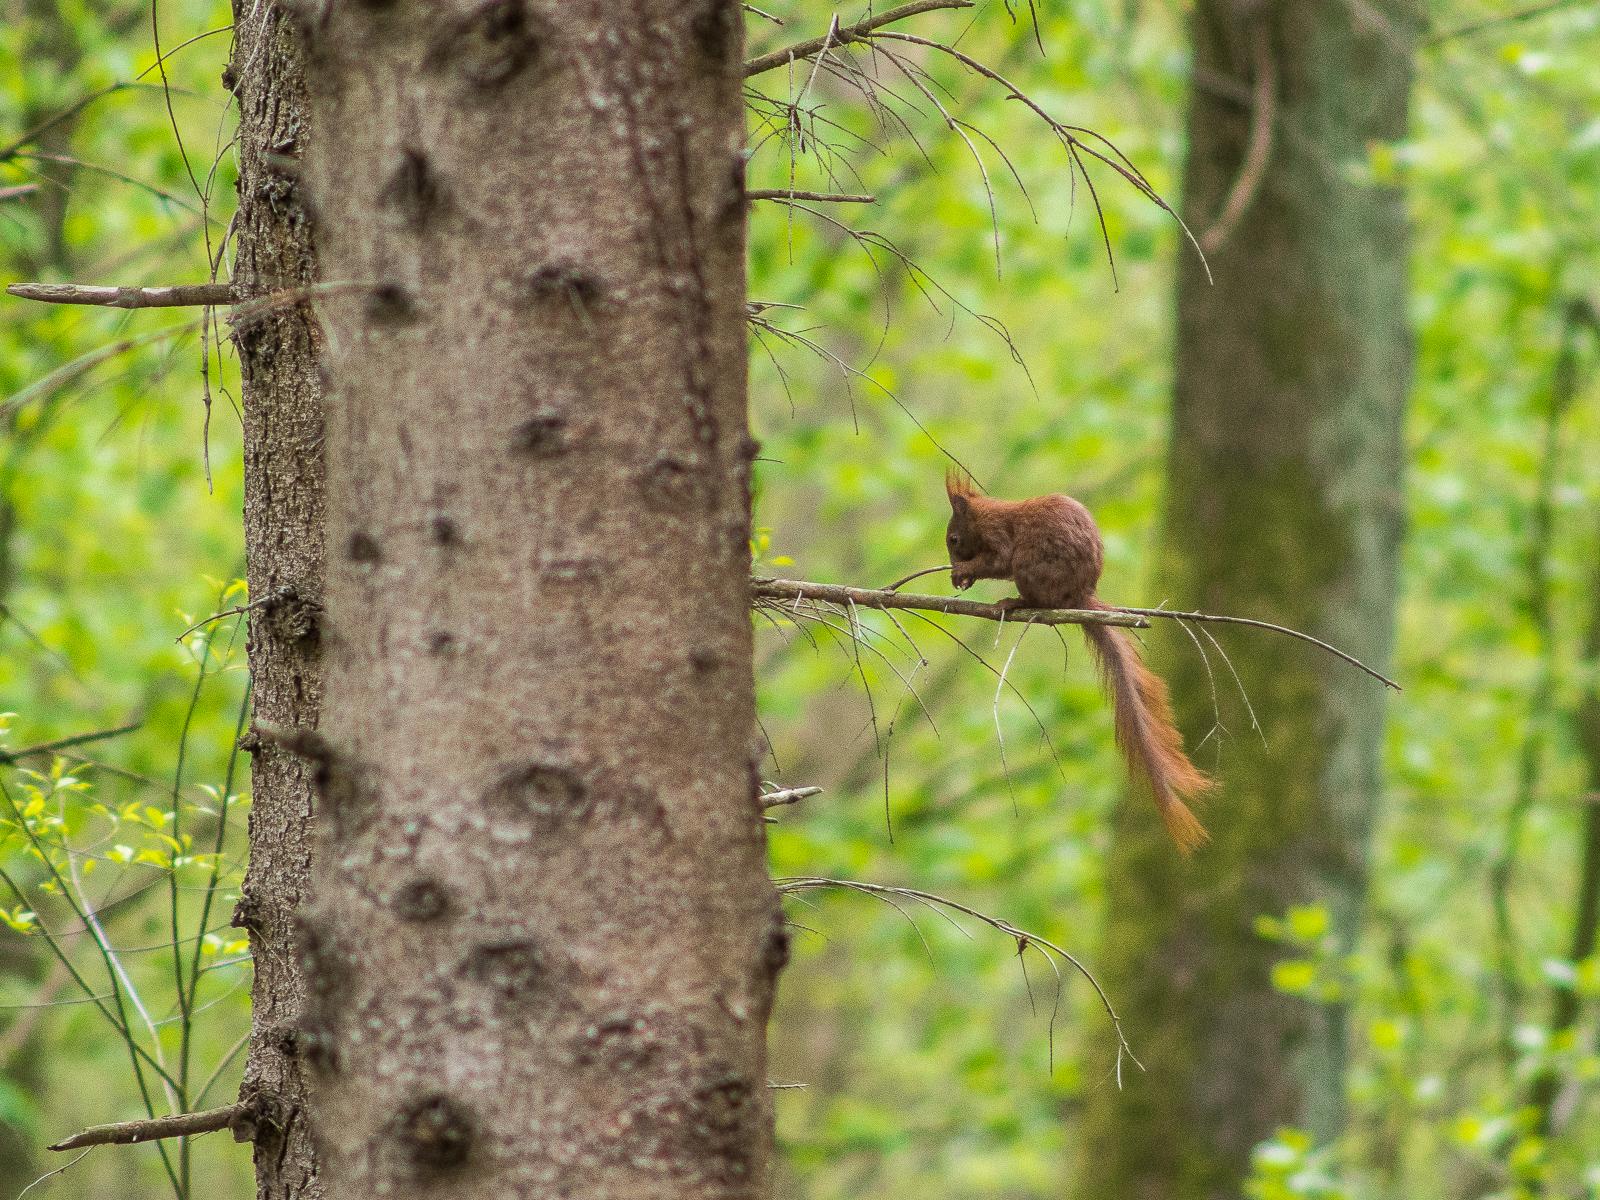 Eichhörnchen auf Nadelbaum-Ast, kauend